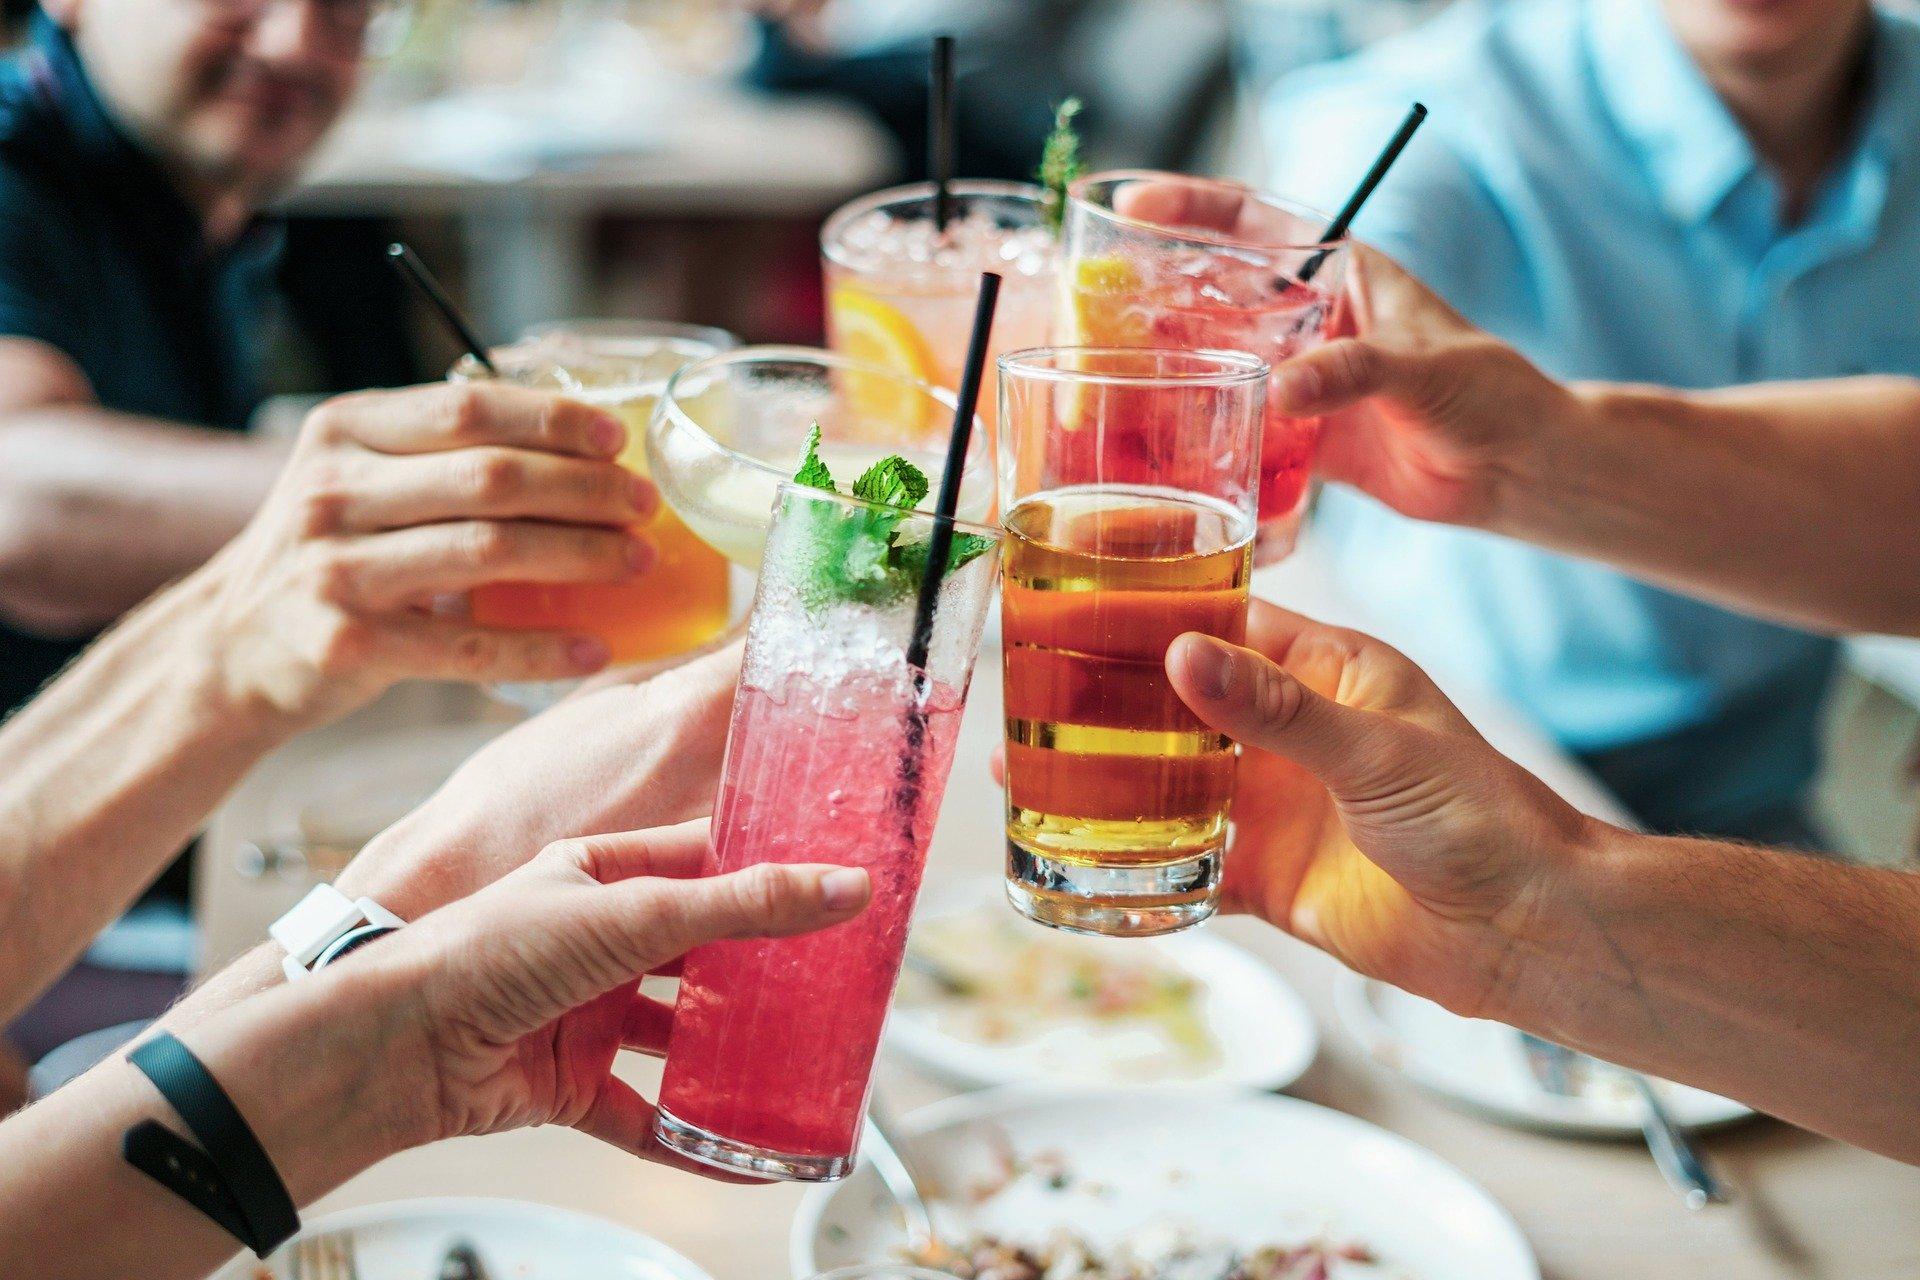 איך לארגן מסיבה מושקעת לכל המשפחה?